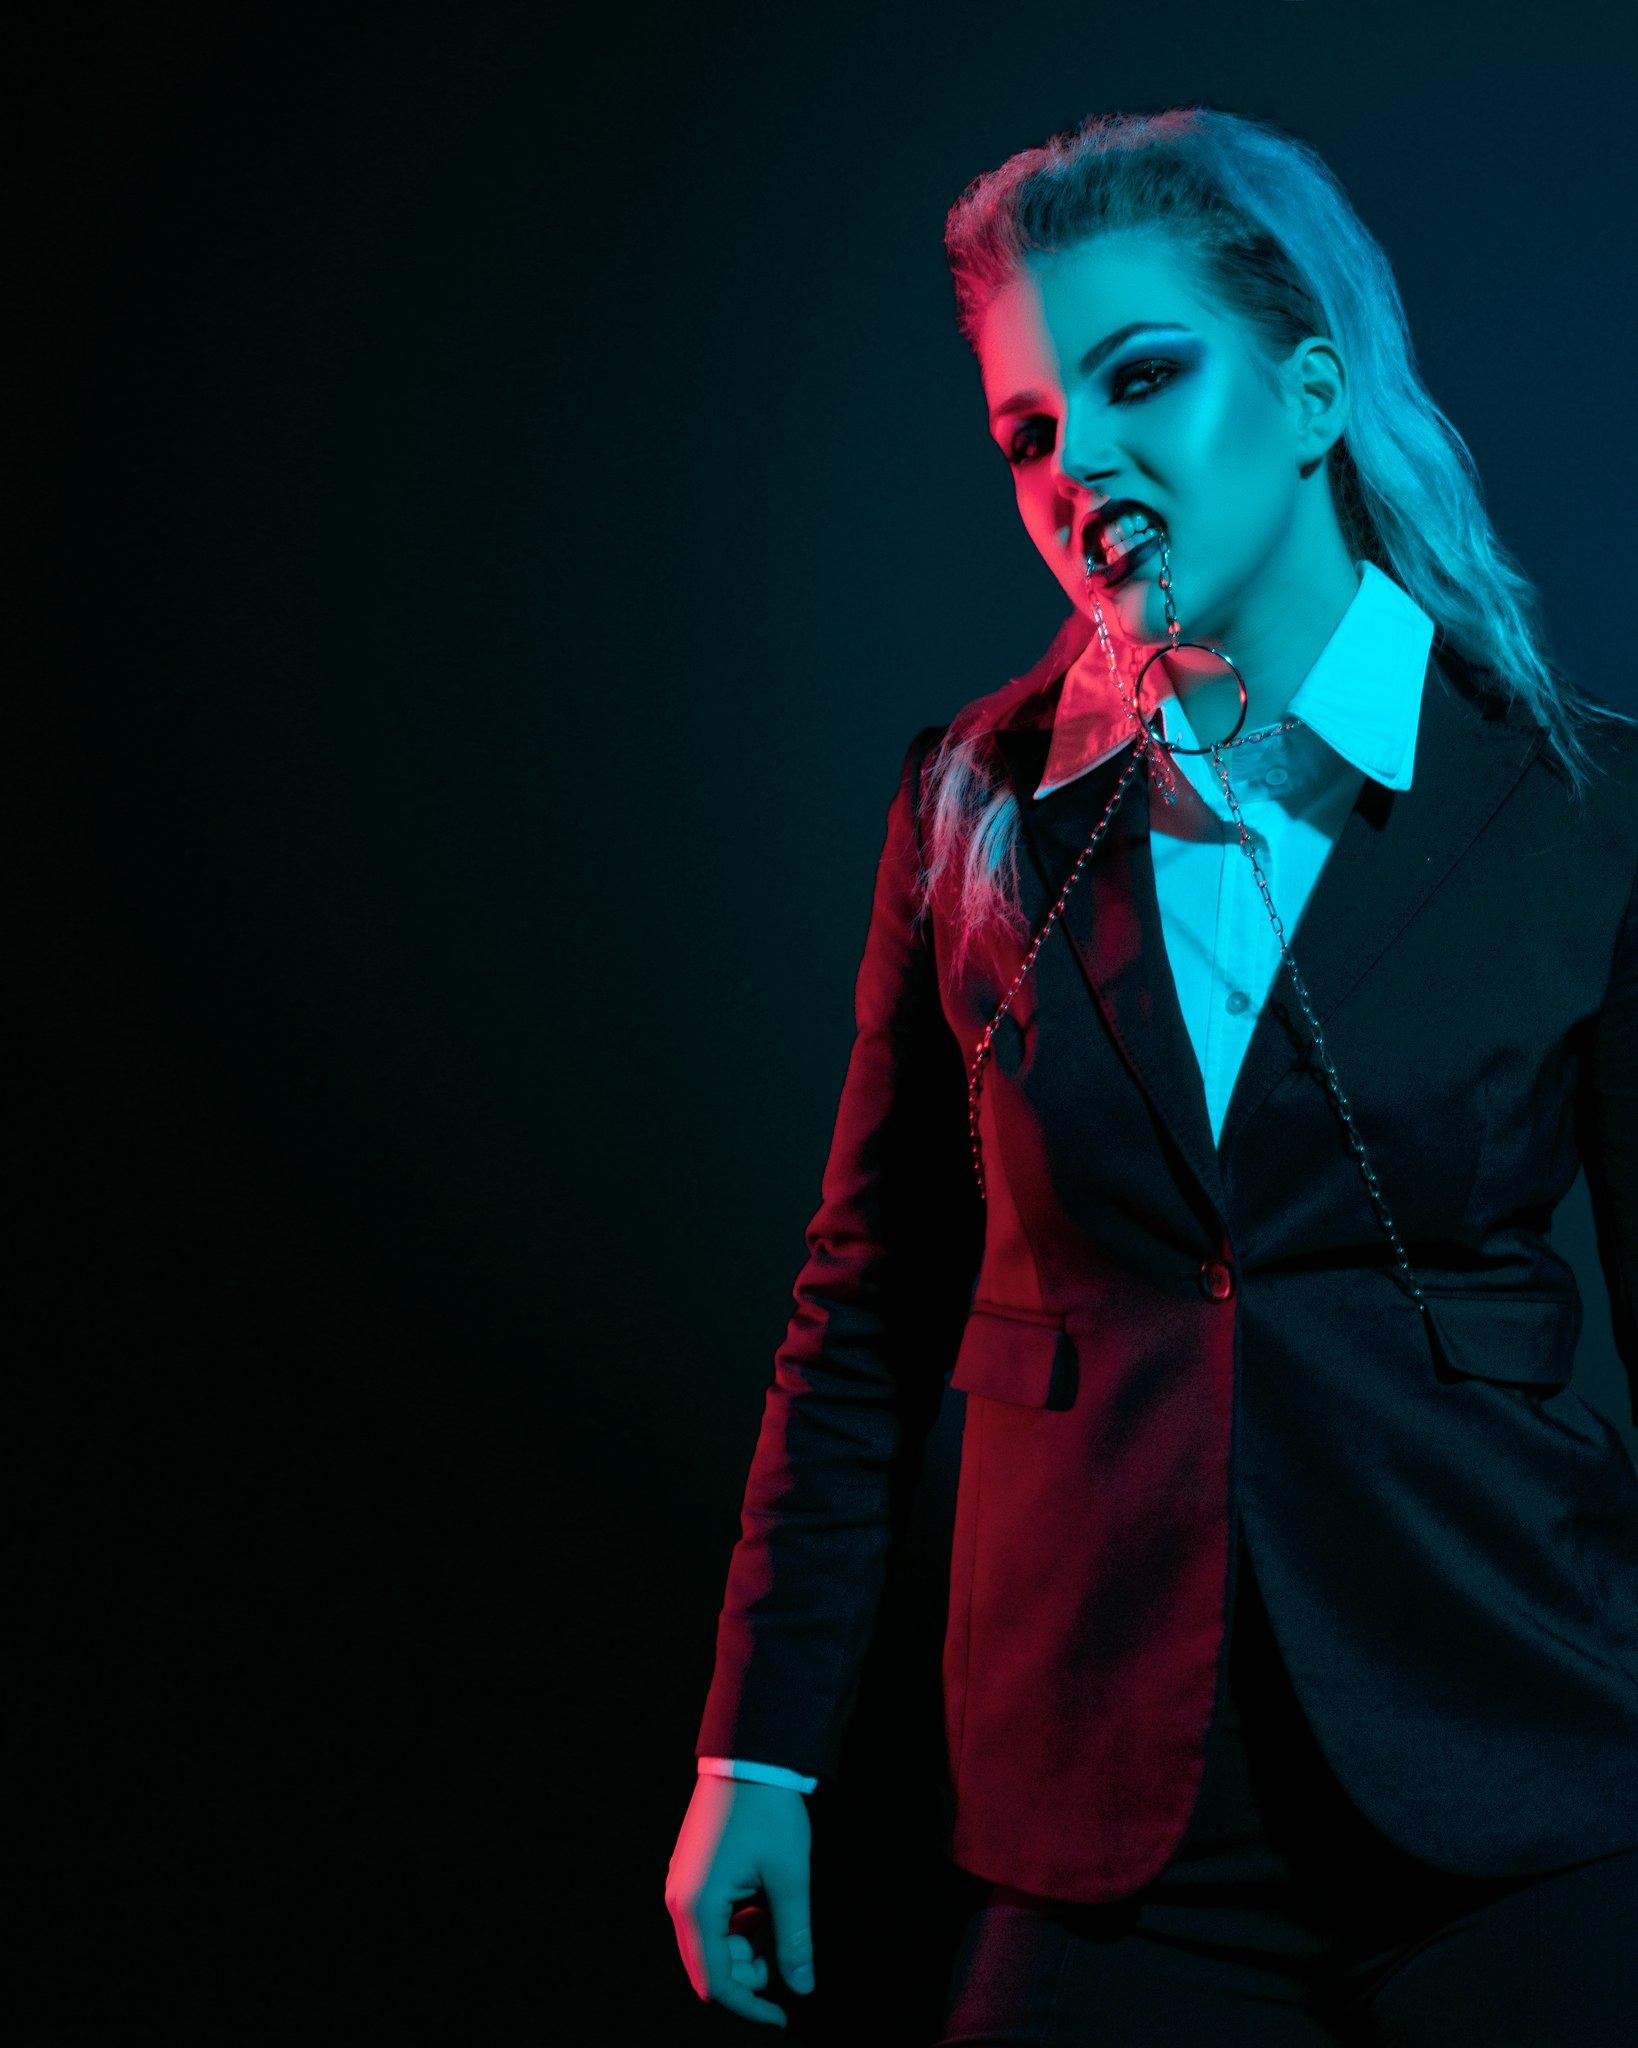 Gothic - Neon- Creatief portret - Zwart Wit